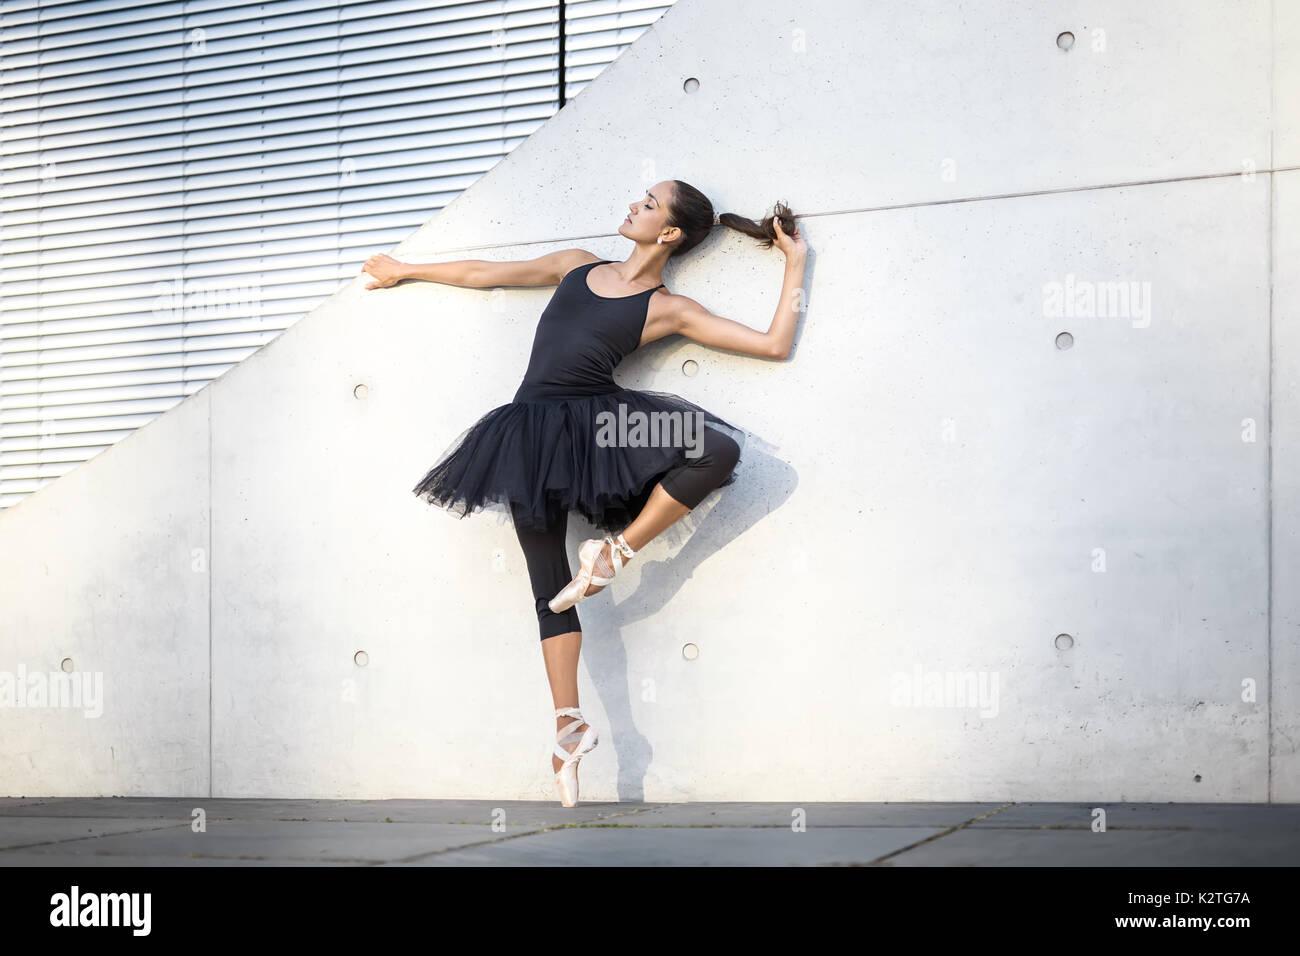 Attraktive Ballerina posiert im Freien Stockbild